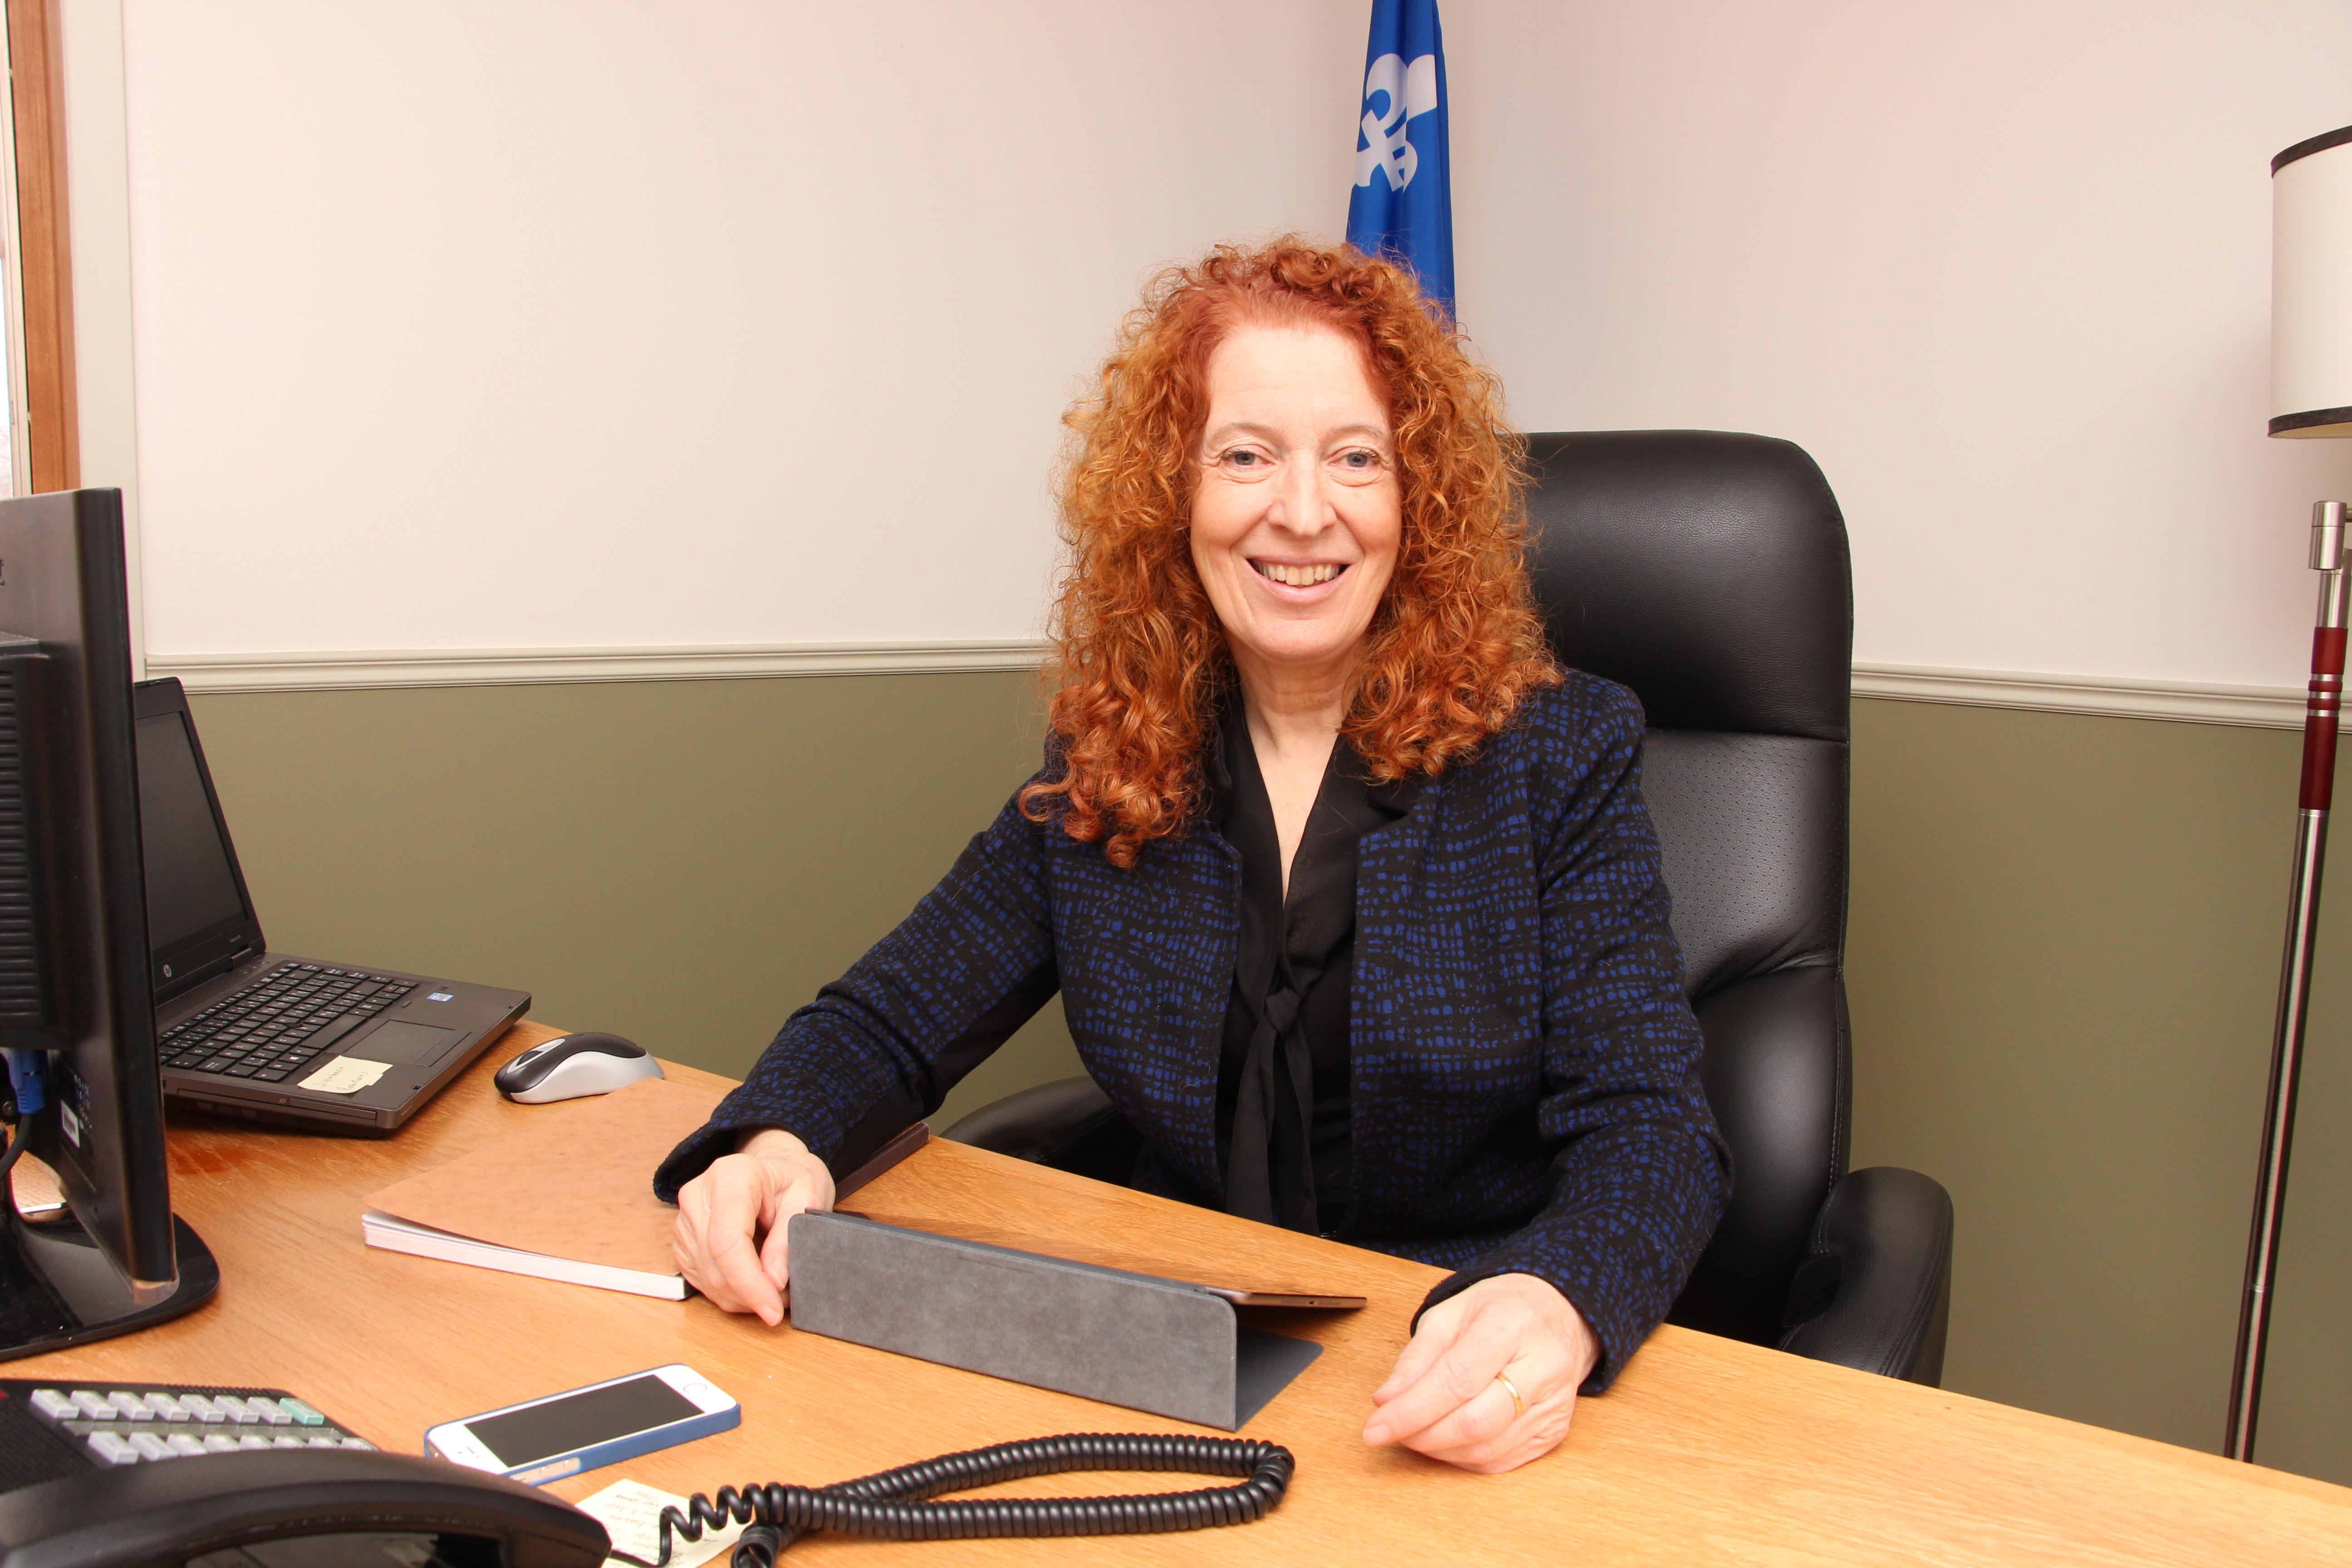 La députée du Bloc québécois